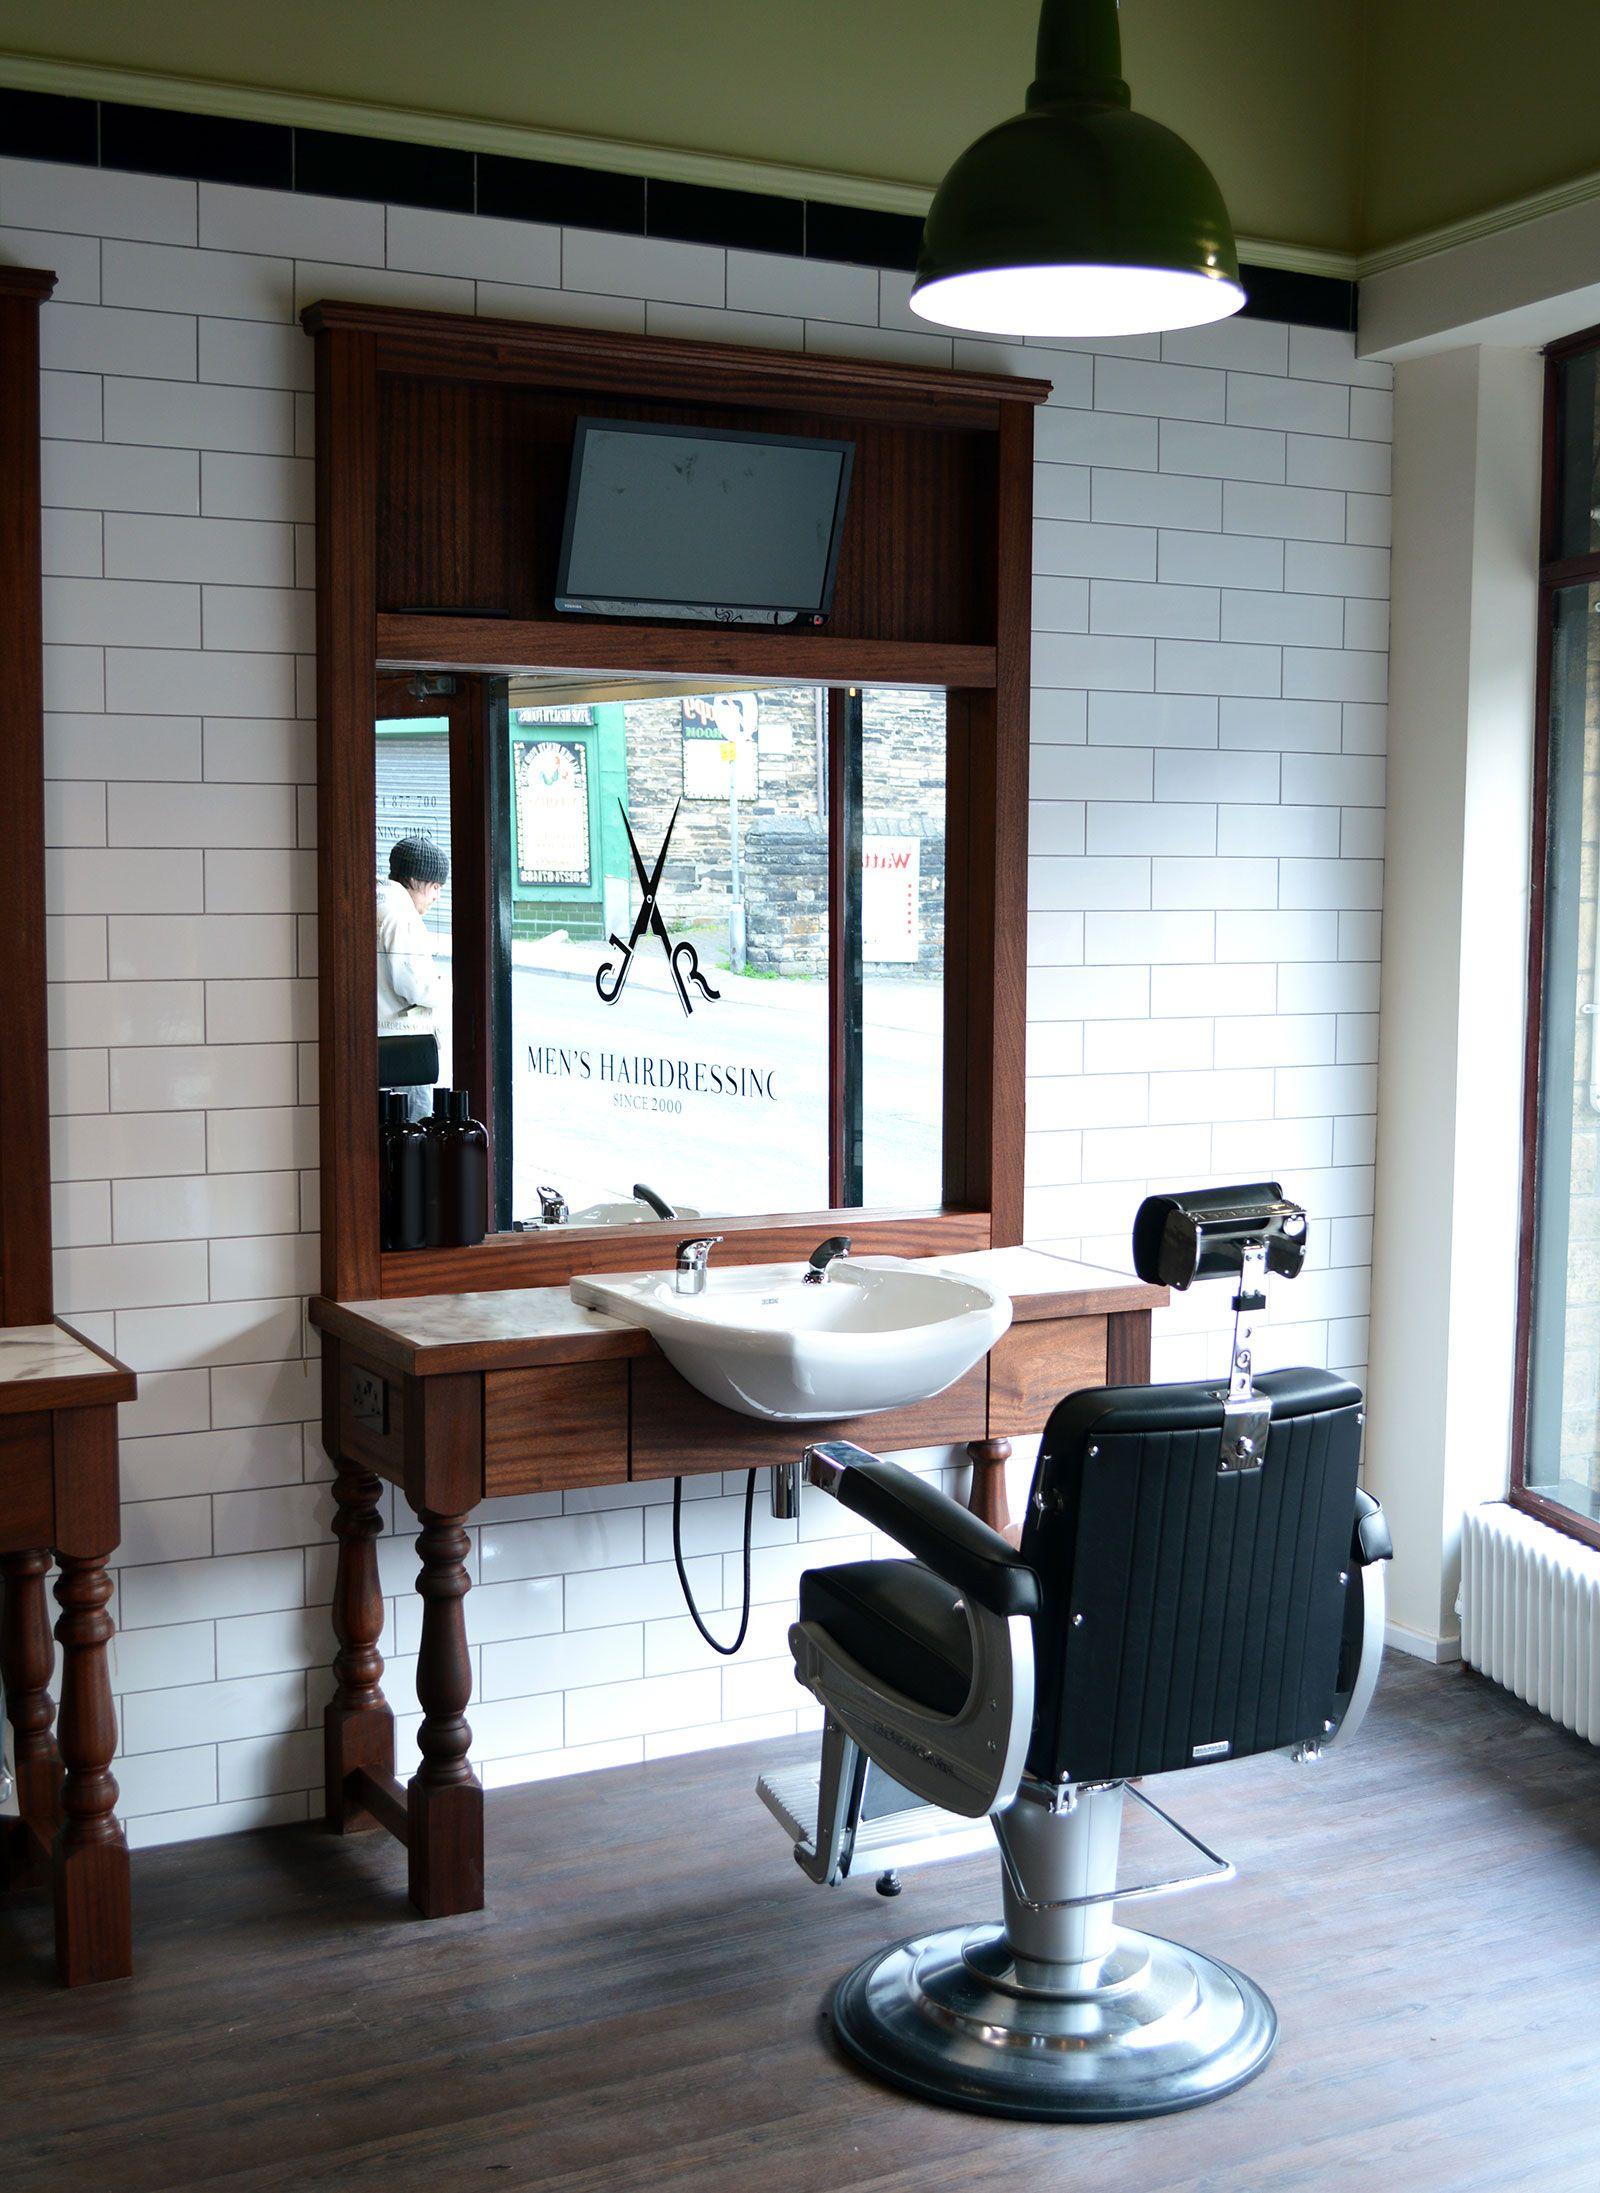 Barbers Cutting Station - JR MENS | Barber shops | Pinterest ...